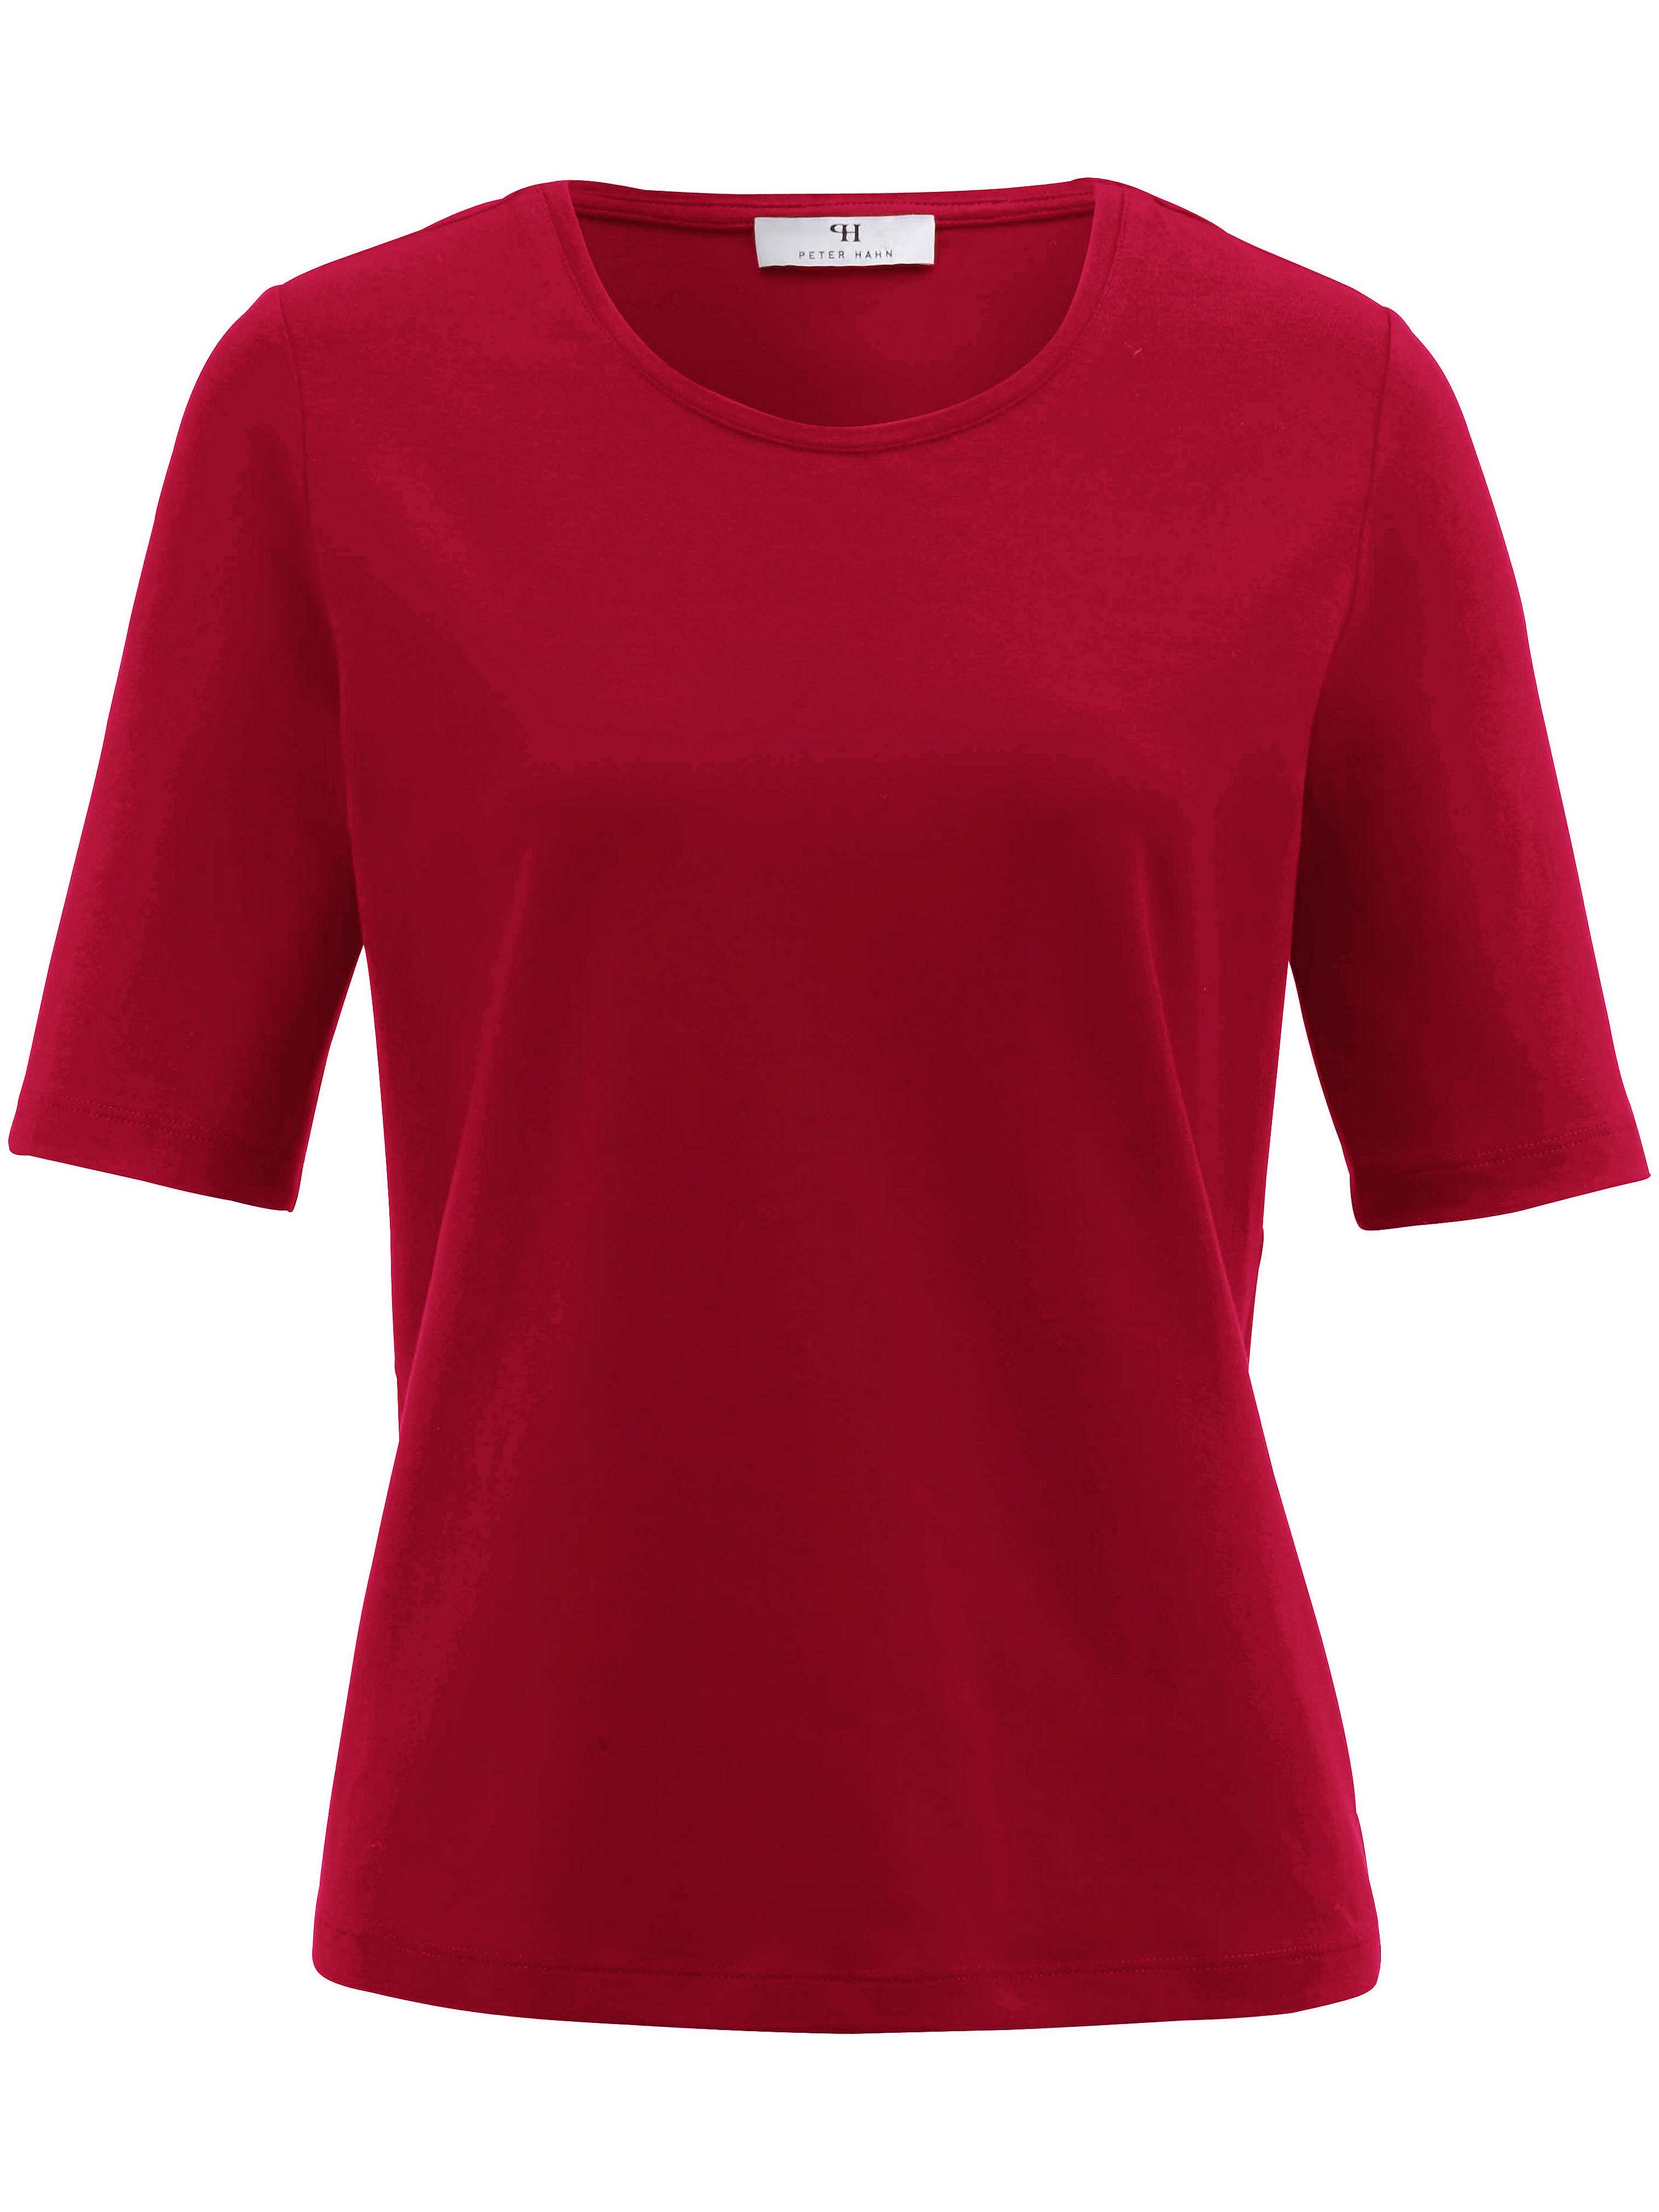 Artikel klicken und genauer betrachten! - Rundhals-Shirt von Peter Hahn mit 1/2-Arm. Das unentbehrliche Basic-Shirt in besonders hochwertigem, hautsympathischem Jersey in 95% Baumwolle, 5% Elasthan. Länge ca. 60cm. Dieses Rundhals-Shirt ist maschinenwaschbar. Normalwaschgang 30°. Chlorbleiche nicht möglich. Nicht heiß Bügeln. Reinigung P. Trocknen im Tumbler nicht möglich. Farbe: Rot. Erhältlich in den Größen: 36,38,40,42,44,46,48. Hochwertige Qualitätsmode für Damen ab 50 Jahren. | im Online Shop kaufen